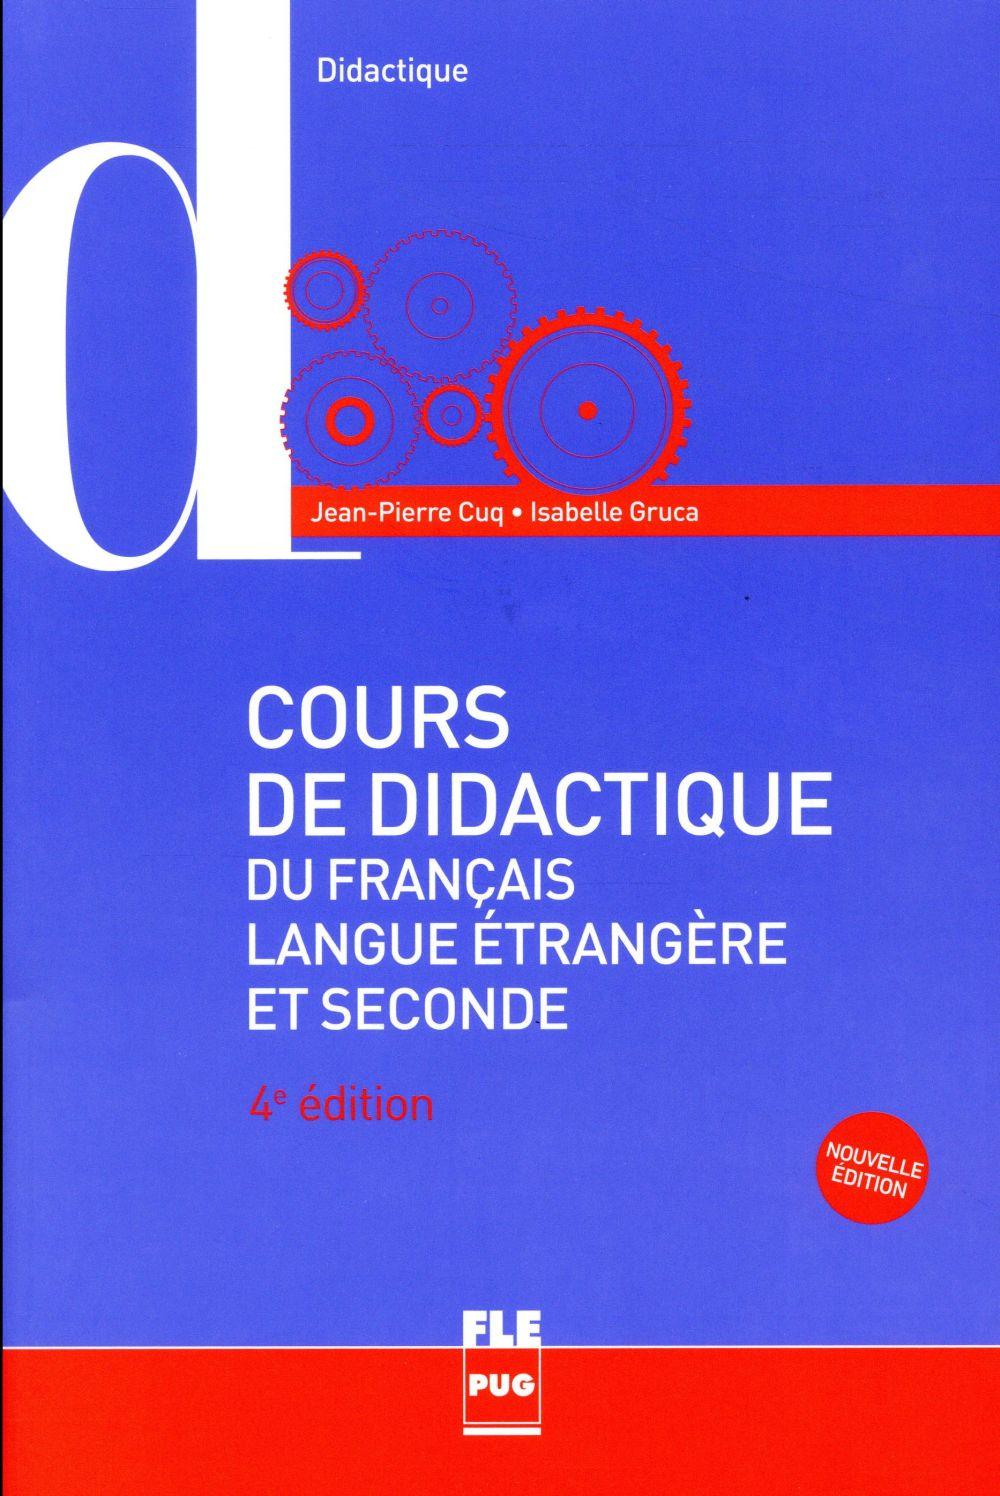 COURS DE DIDACTIQUE DU FRANCAIS LANGUE ETRANGERE ET SECONDE - 4E EDITION